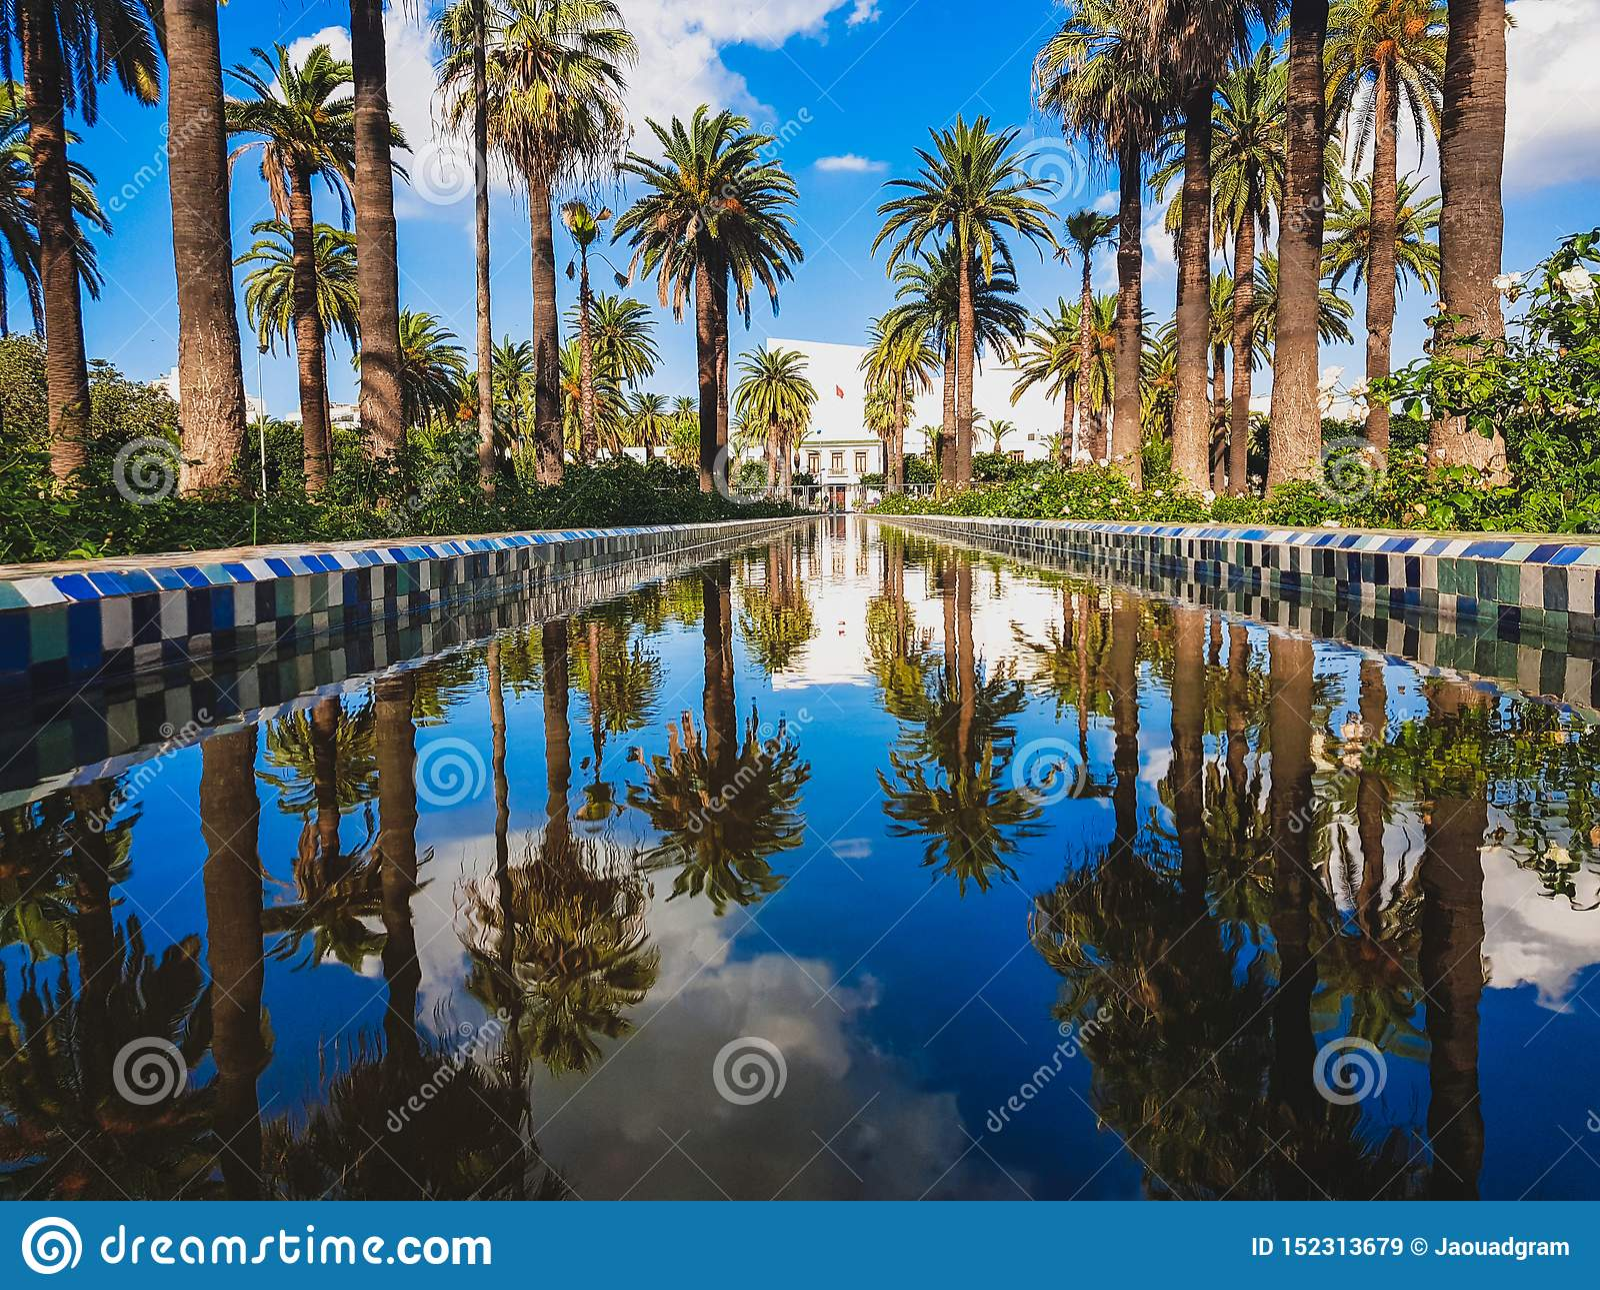 The Arab League Park & x28;Parc de la Ligue arabe & x29; is an urban park in Casablanca, Morocco